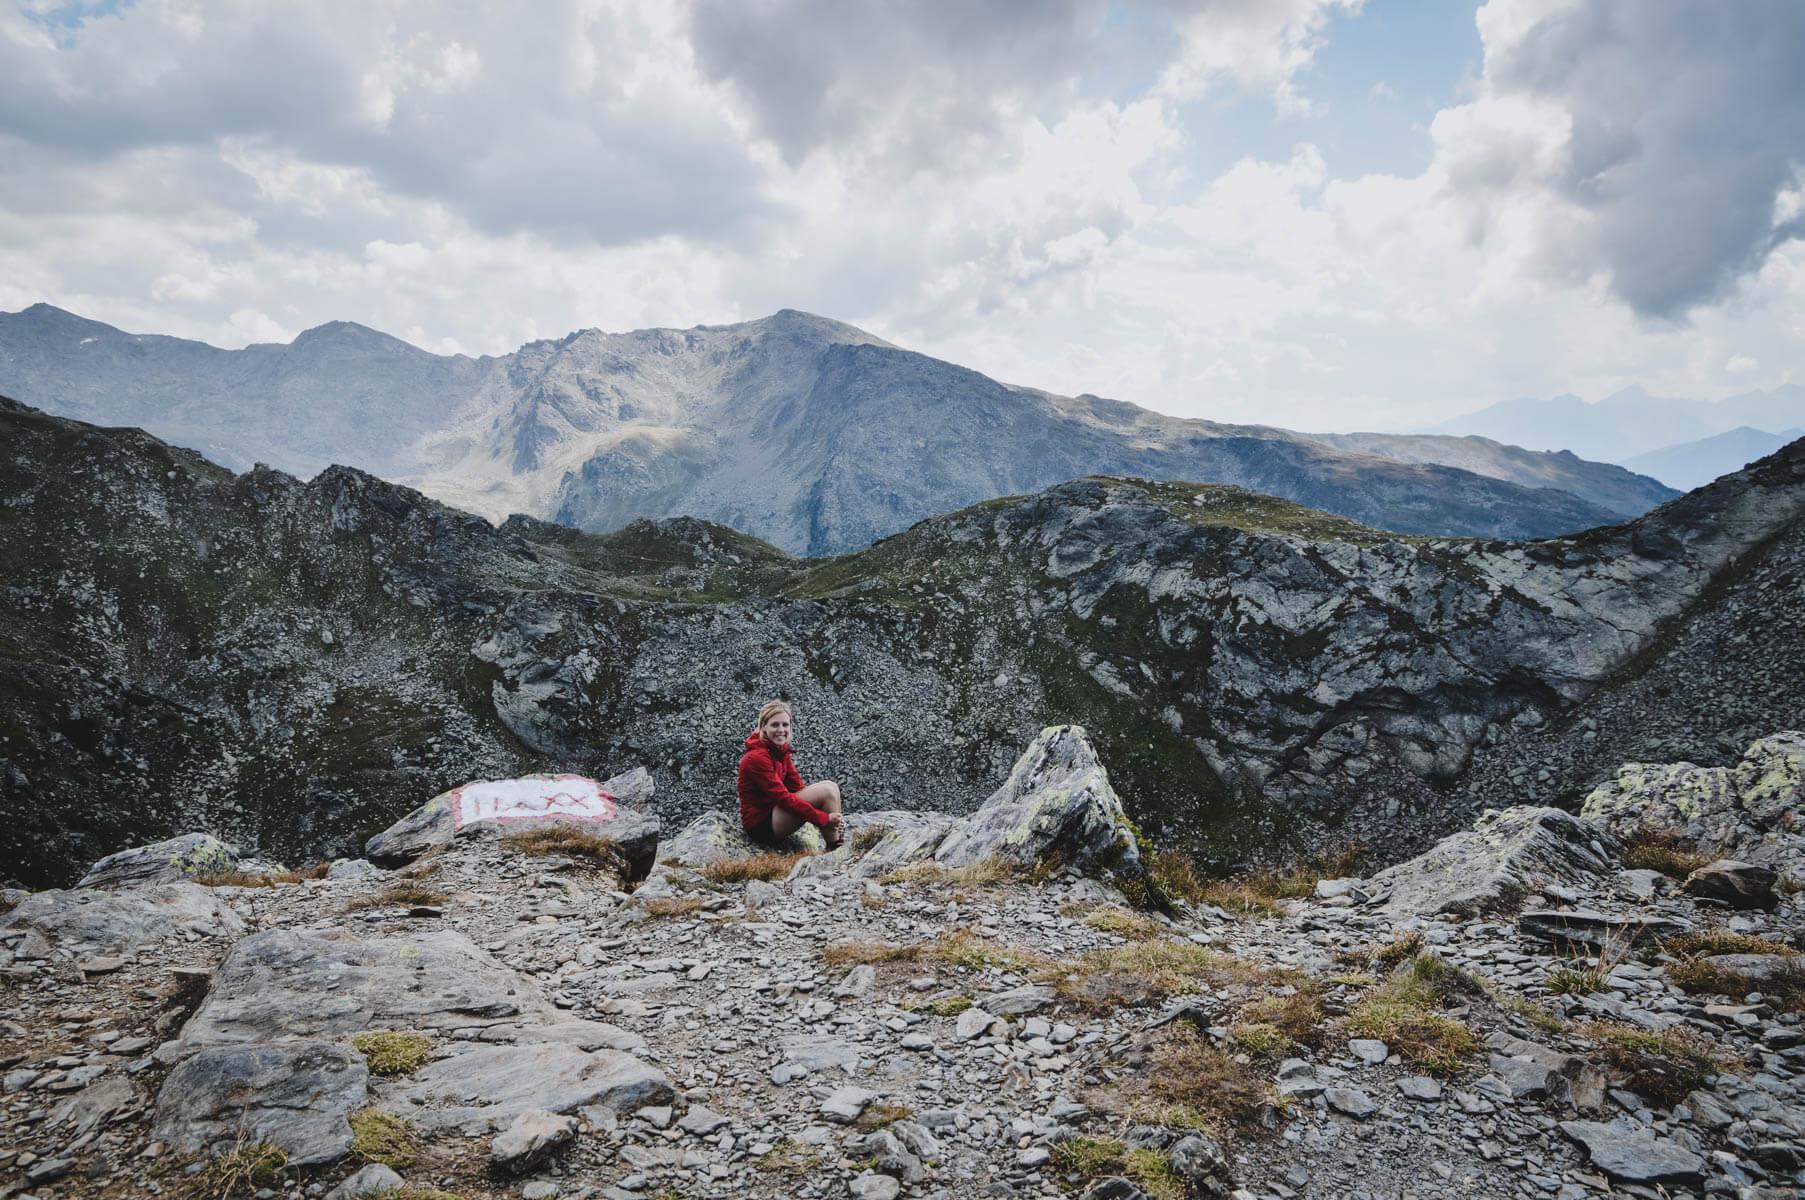 Abenteuer ist was du draus machst Gipfelbesteigung in den Alpen